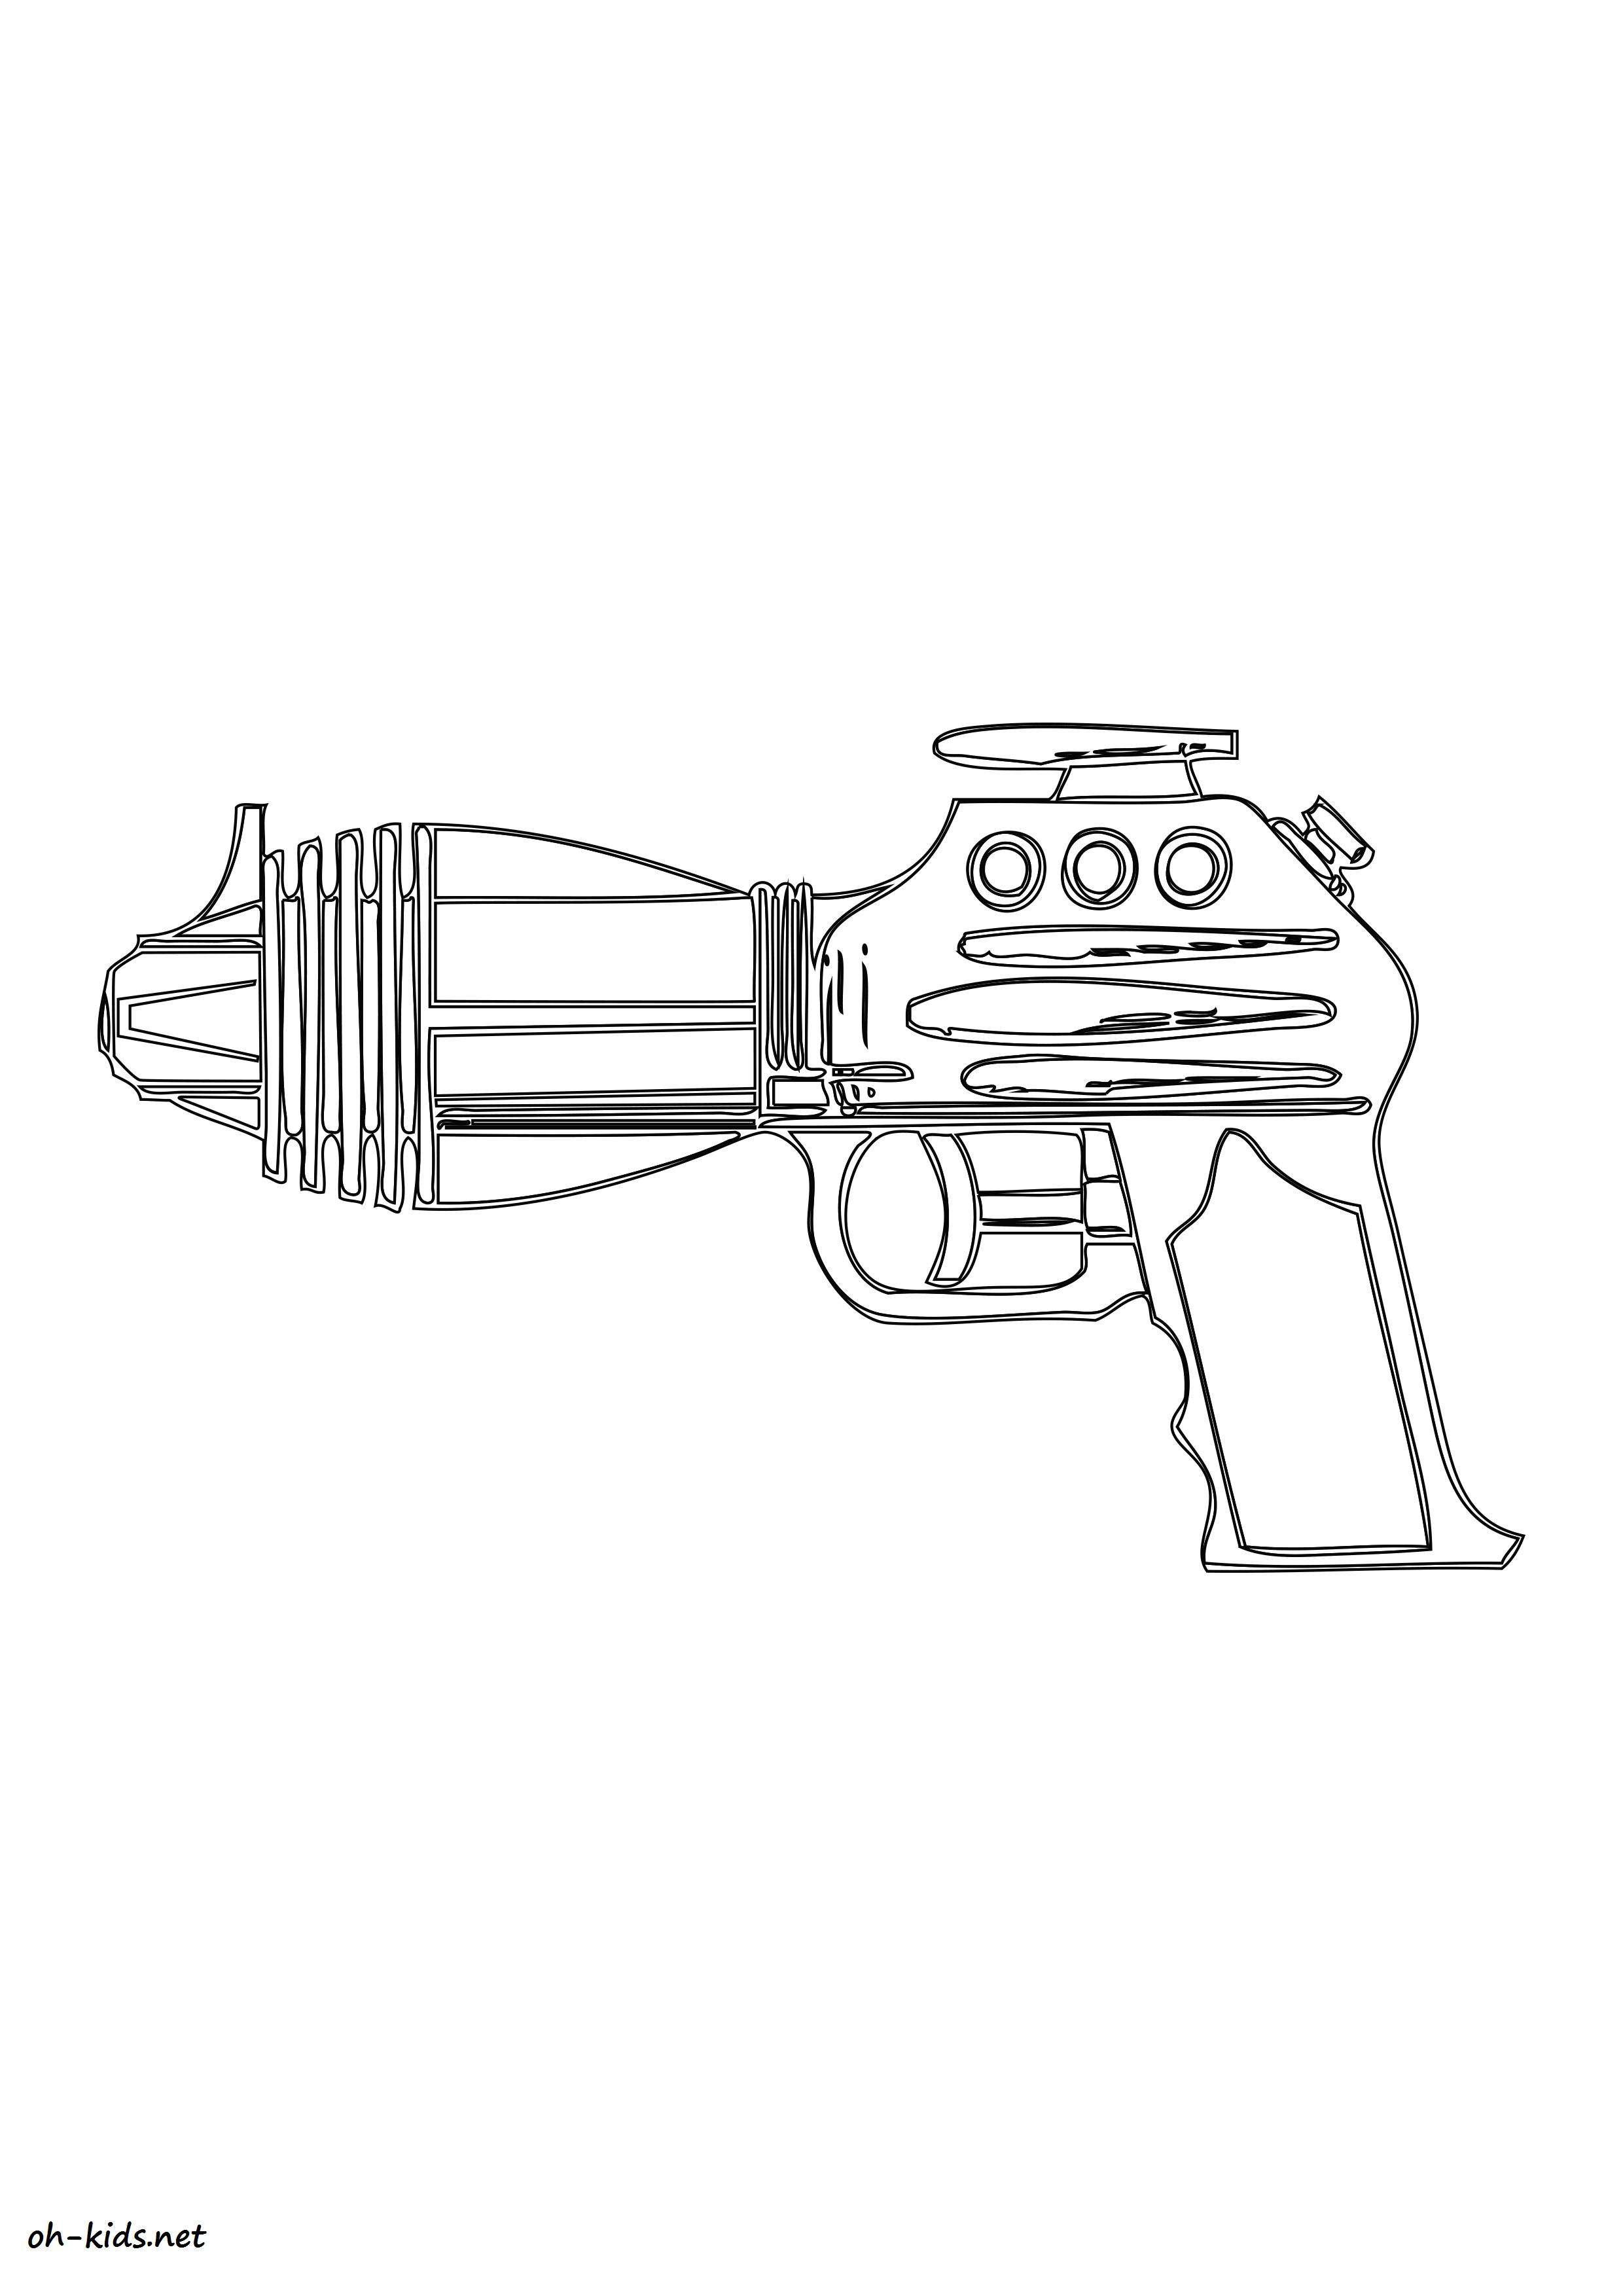 Dessin de pistolet gratuit a imprimer et colorier - Dessin #1168